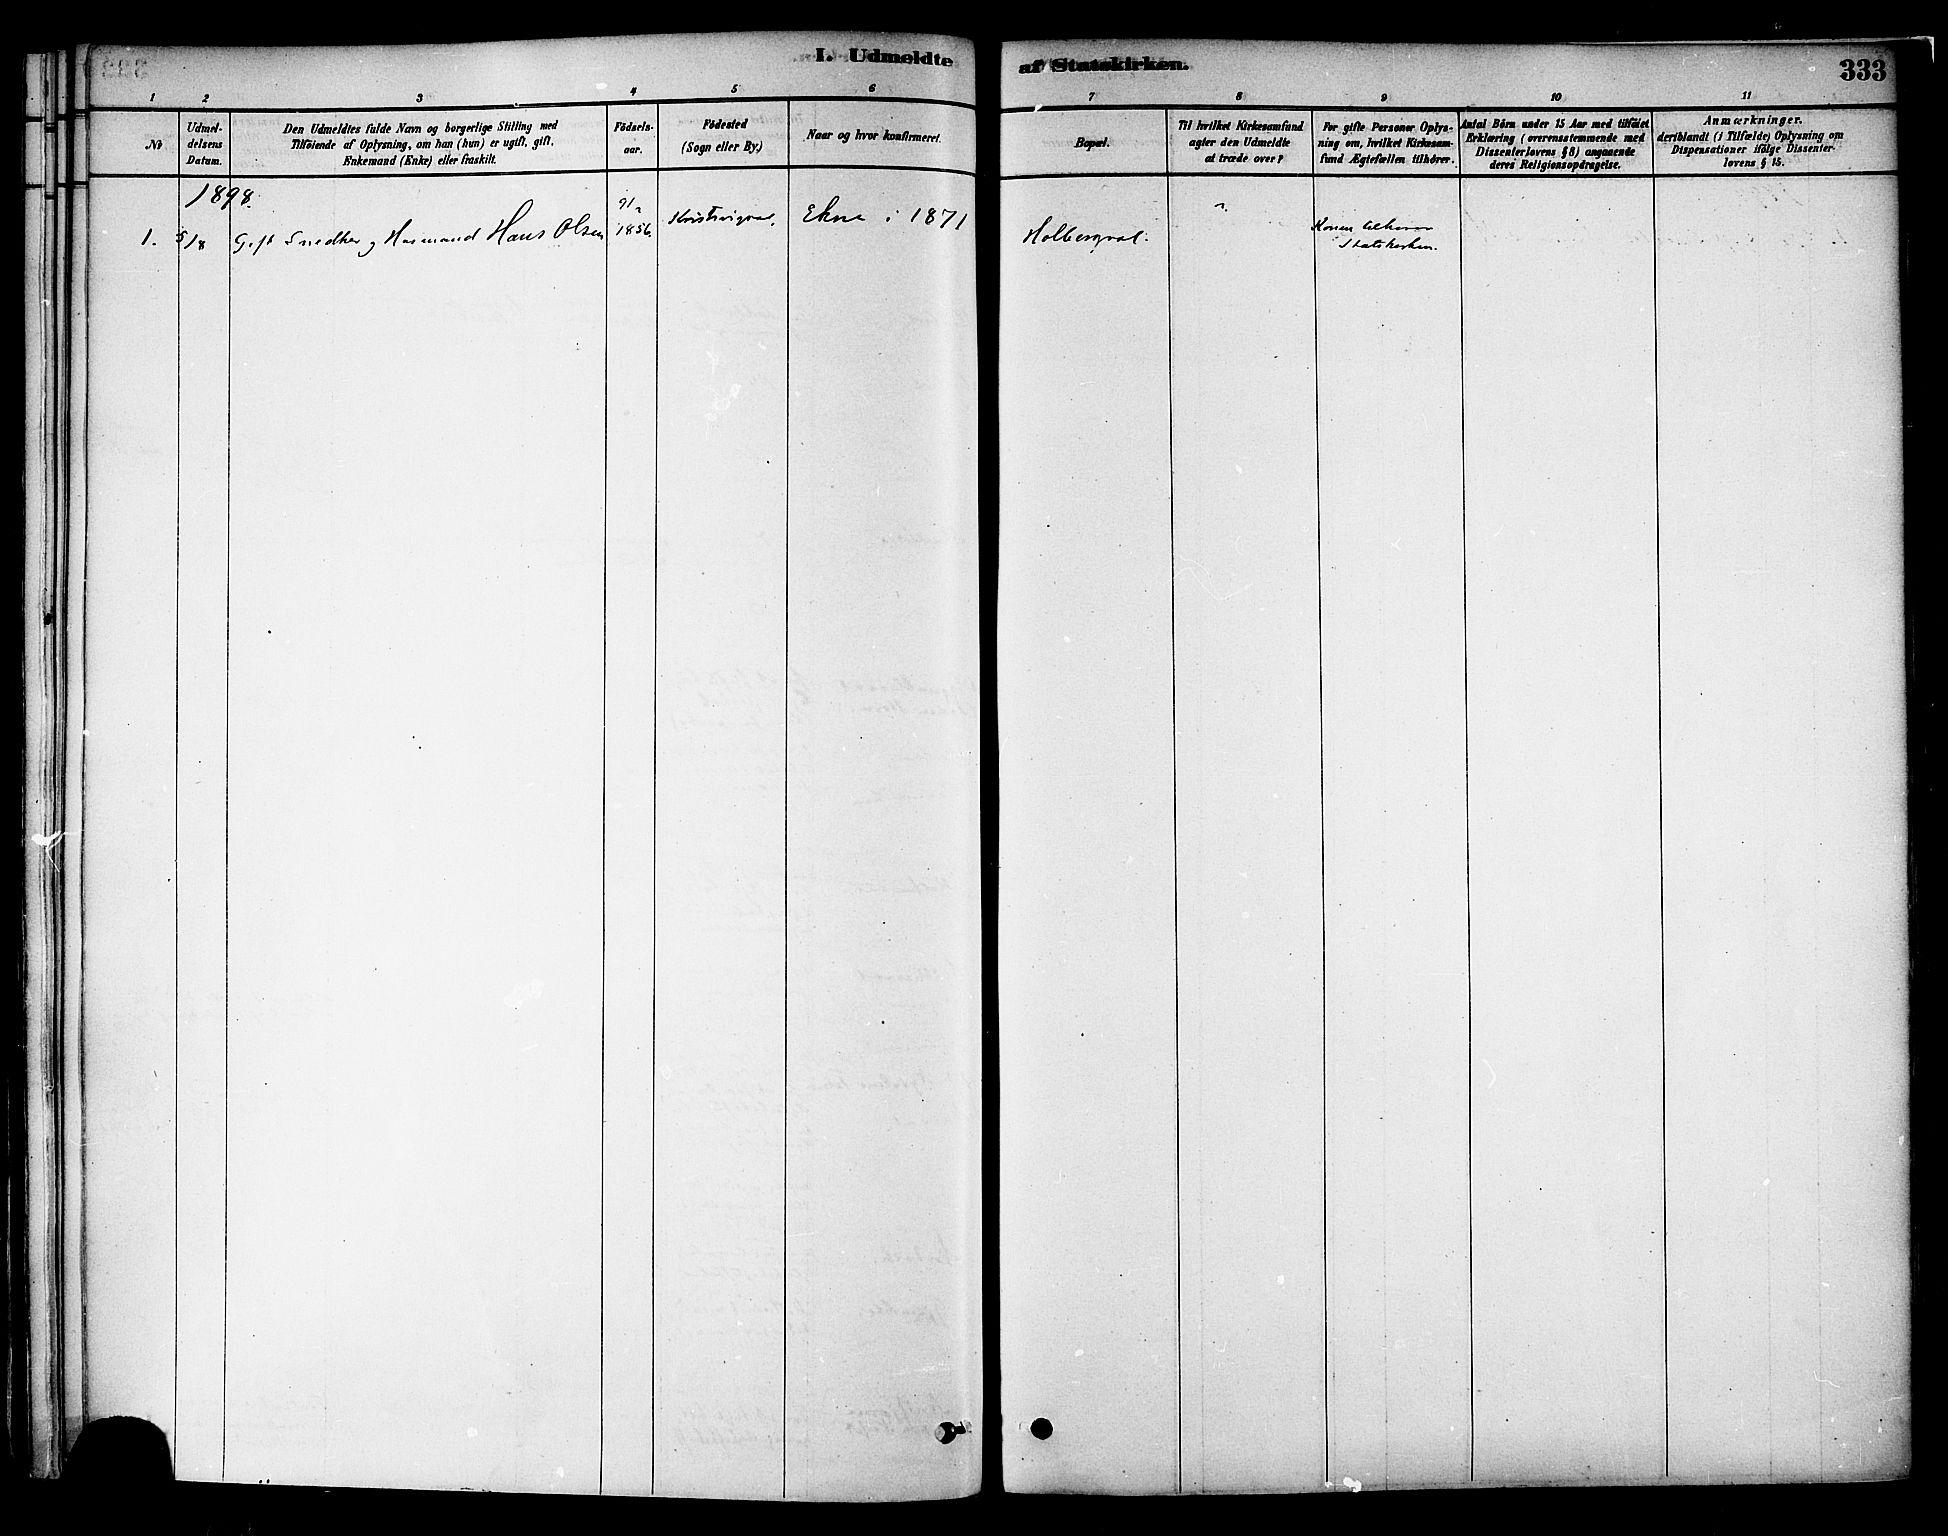 SAT, Ministerialprotokoller, klokkerbøker og fødselsregistre - Nord-Trøndelag, 717/L0159: Ministerialbok nr. 717A09, 1878-1898, s. 333